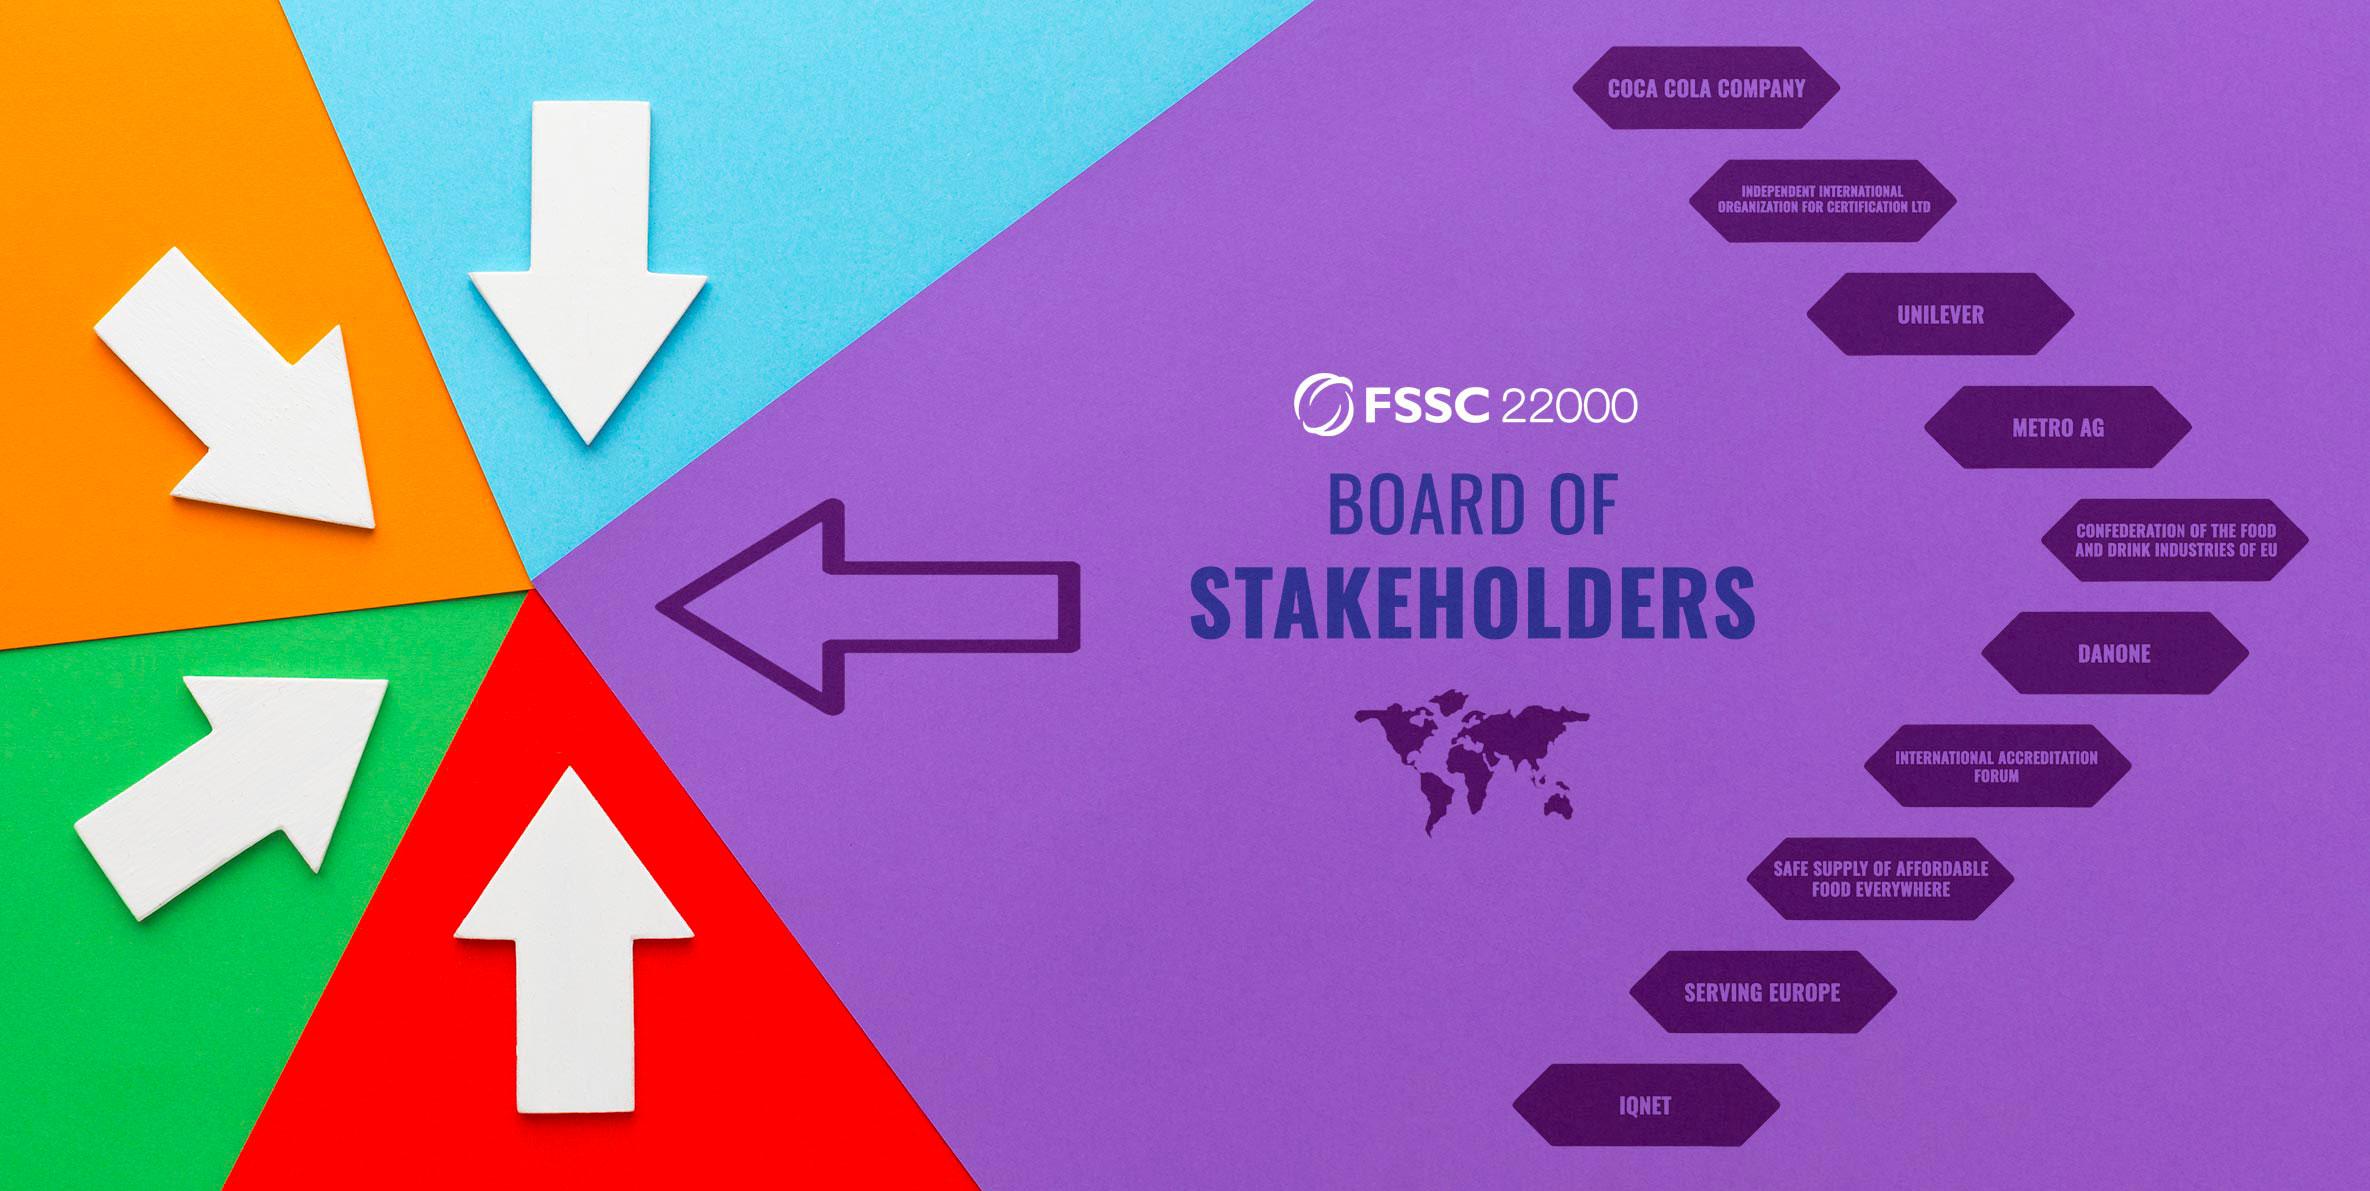 FSSC 22000 board of stakeholders